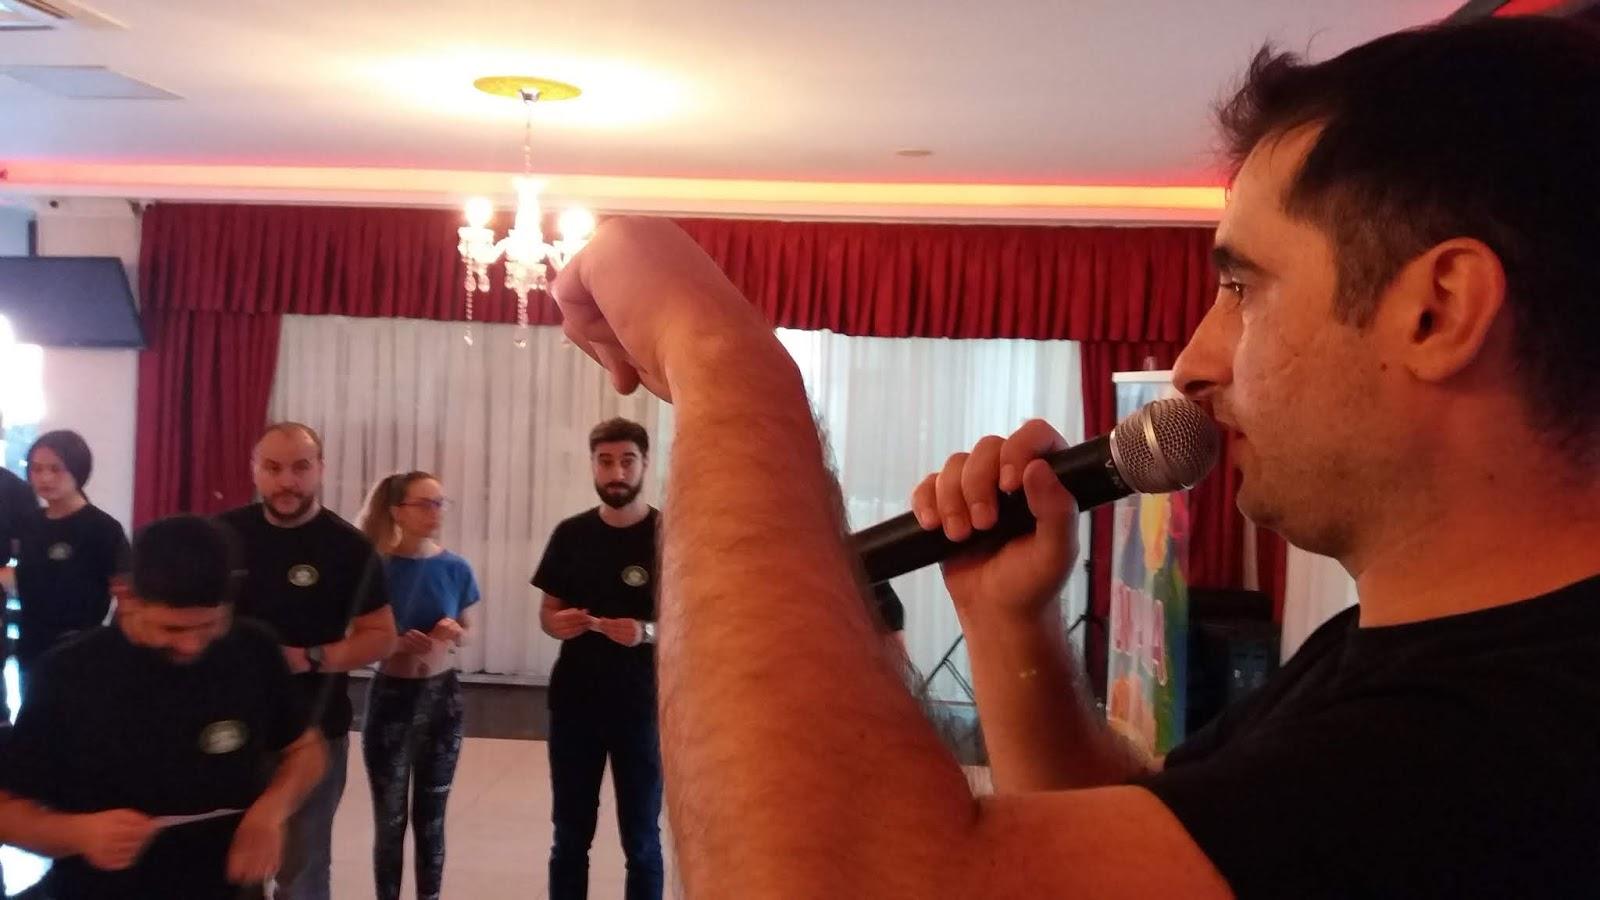 caut femei care cauta barbati odžaci femei singure din Iași care cauta barbati din Craiova